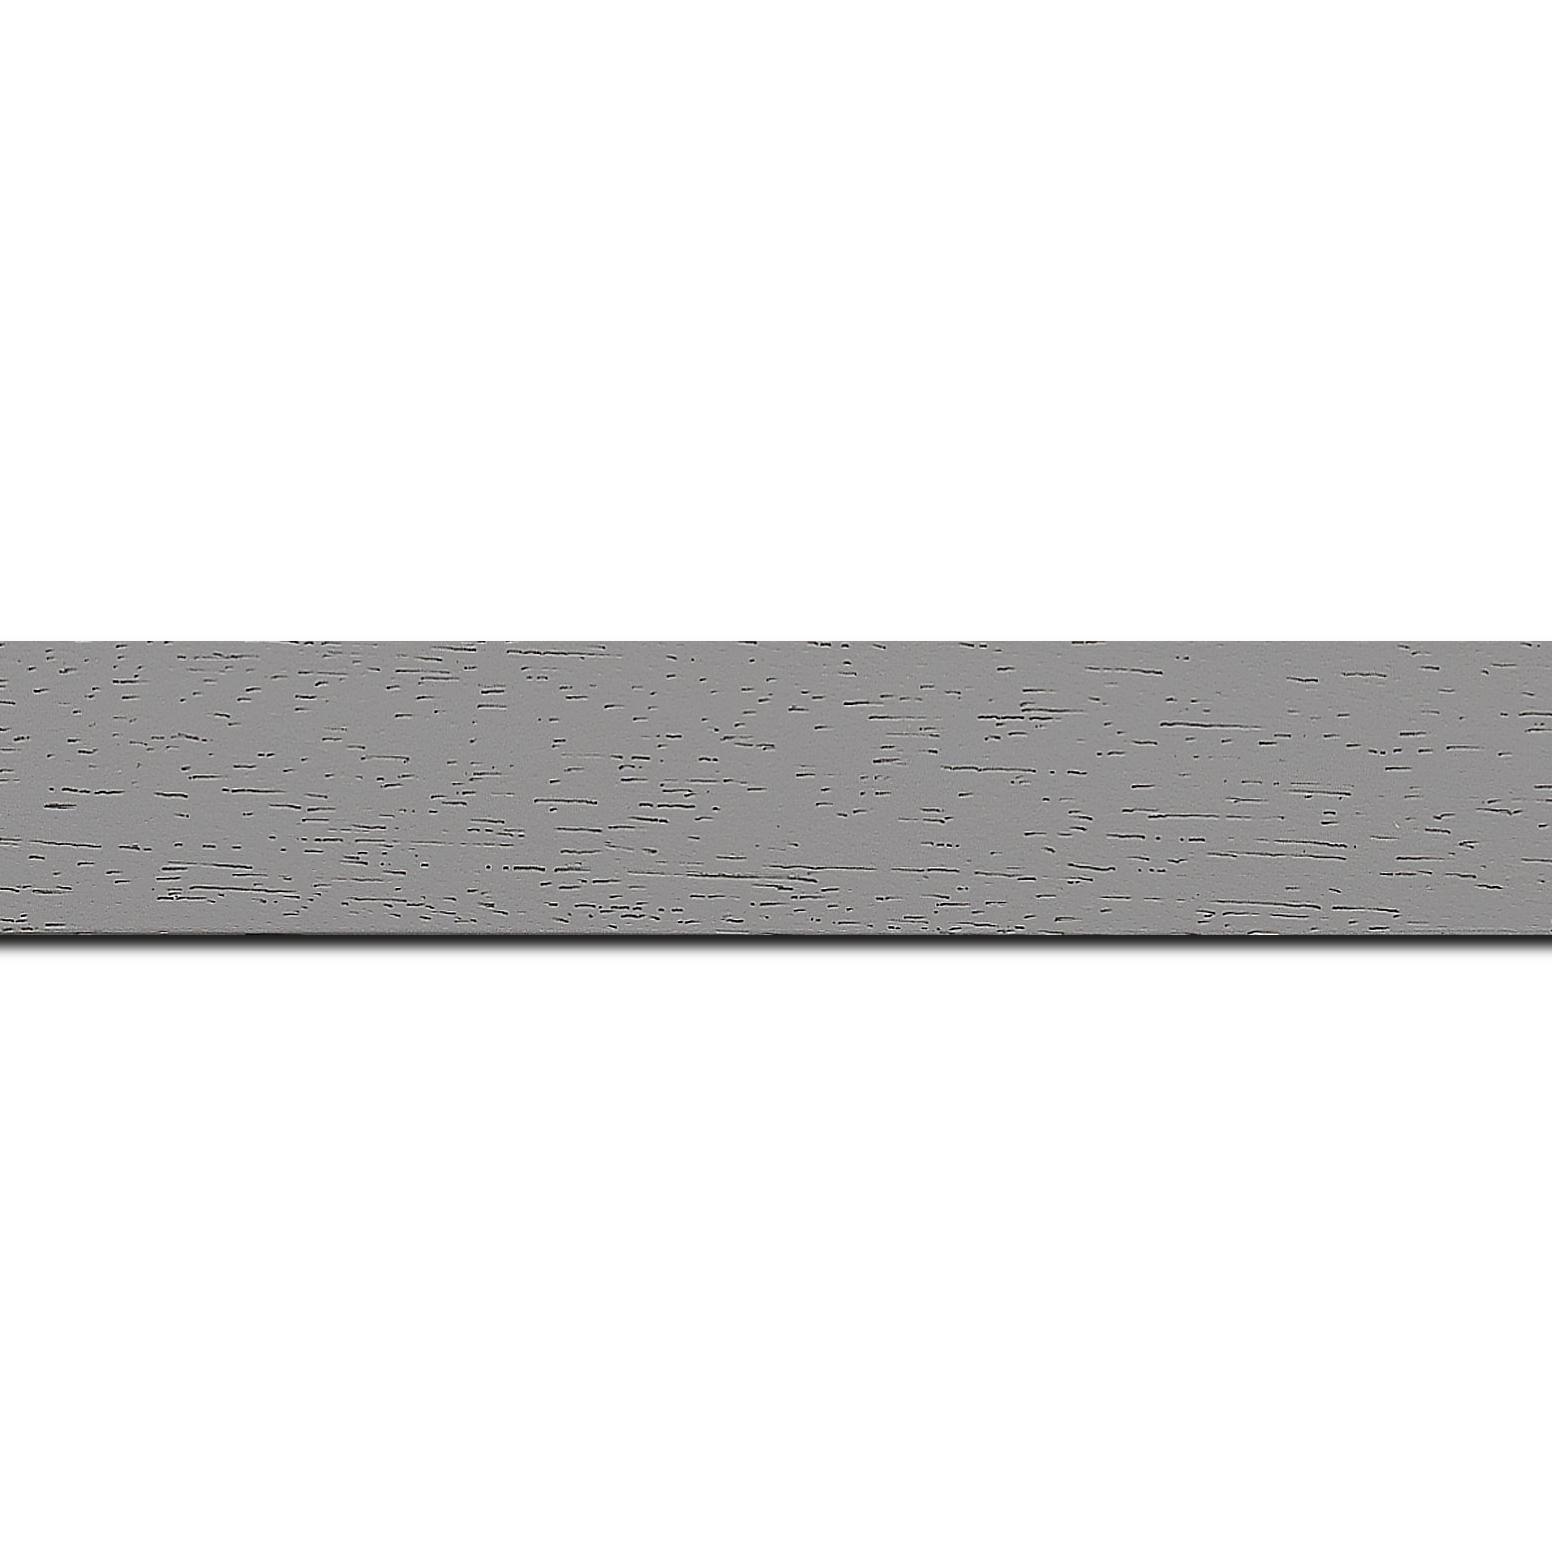 Baguette longueur 1.40m bois profil plat largeur 3cm couleur gris clair satiné